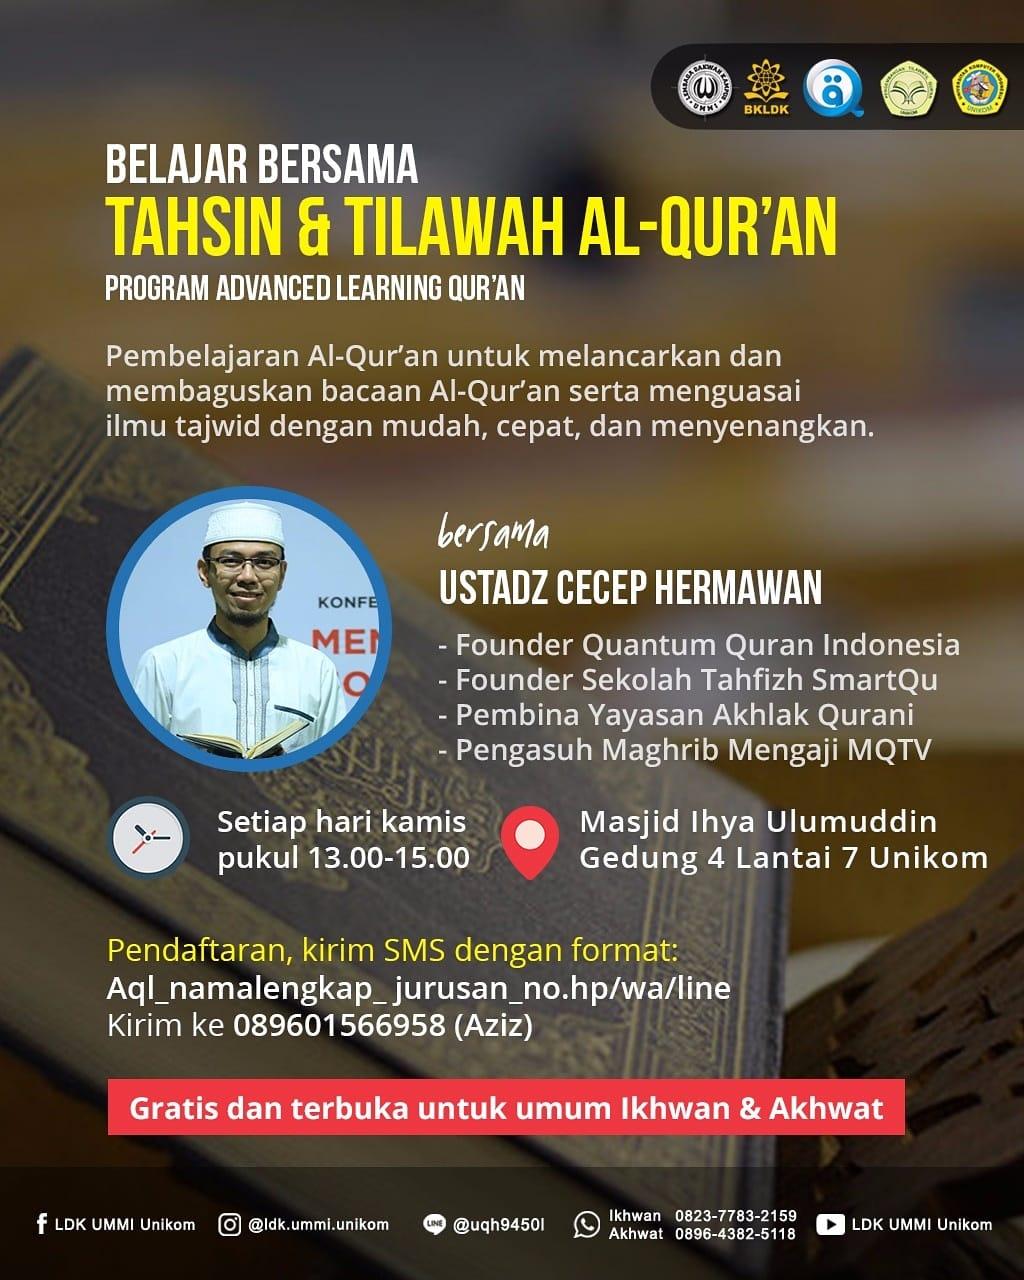 Belajar membaca Al Qur'an dengan mudah, cepat dan menyenangkan